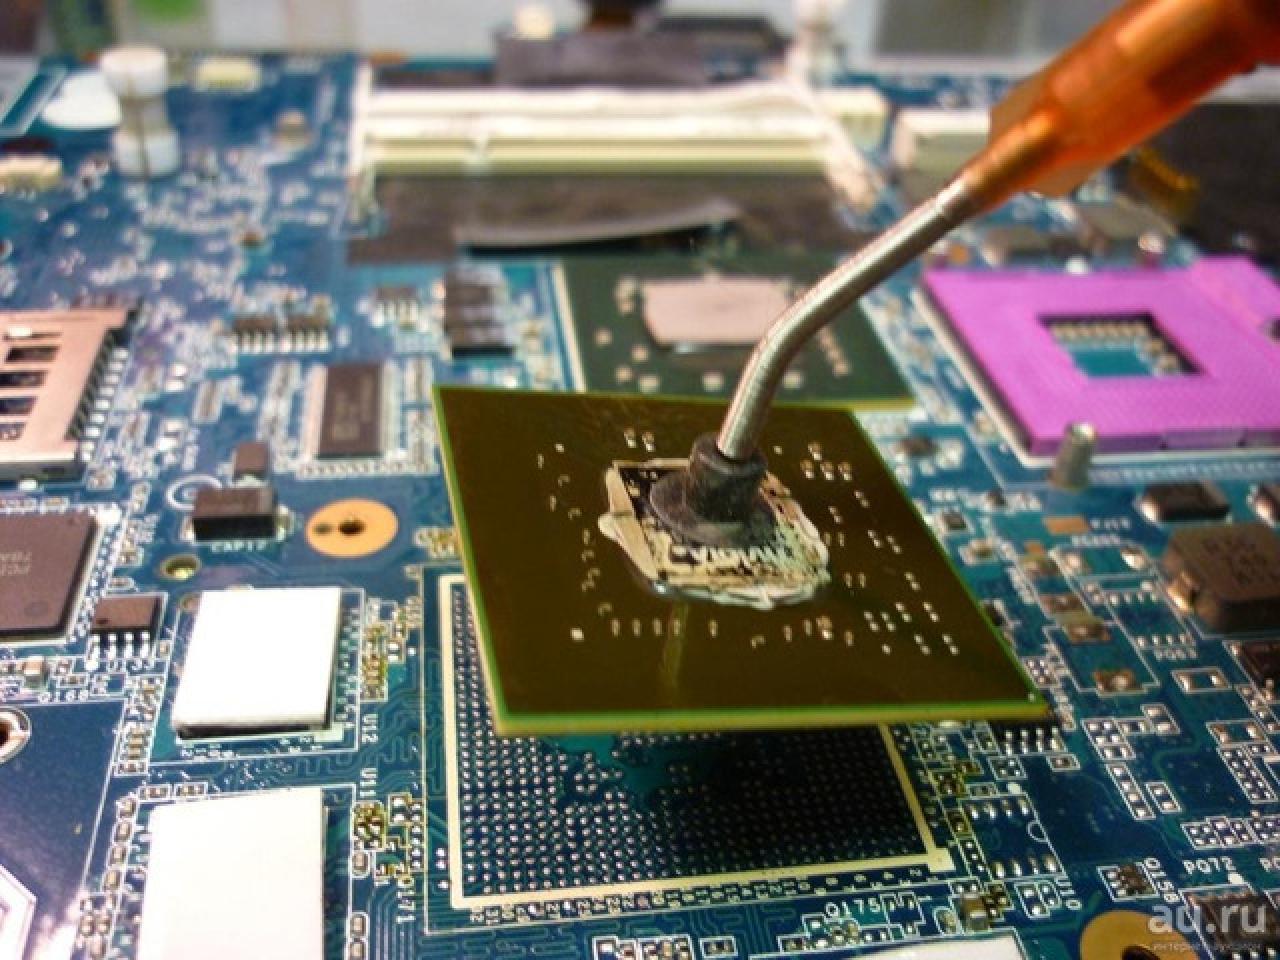 Ремонт компьютеров,ноутбуков,macbook,imac,ребоулинг и замена видео чипов,снятие паролей. - 5